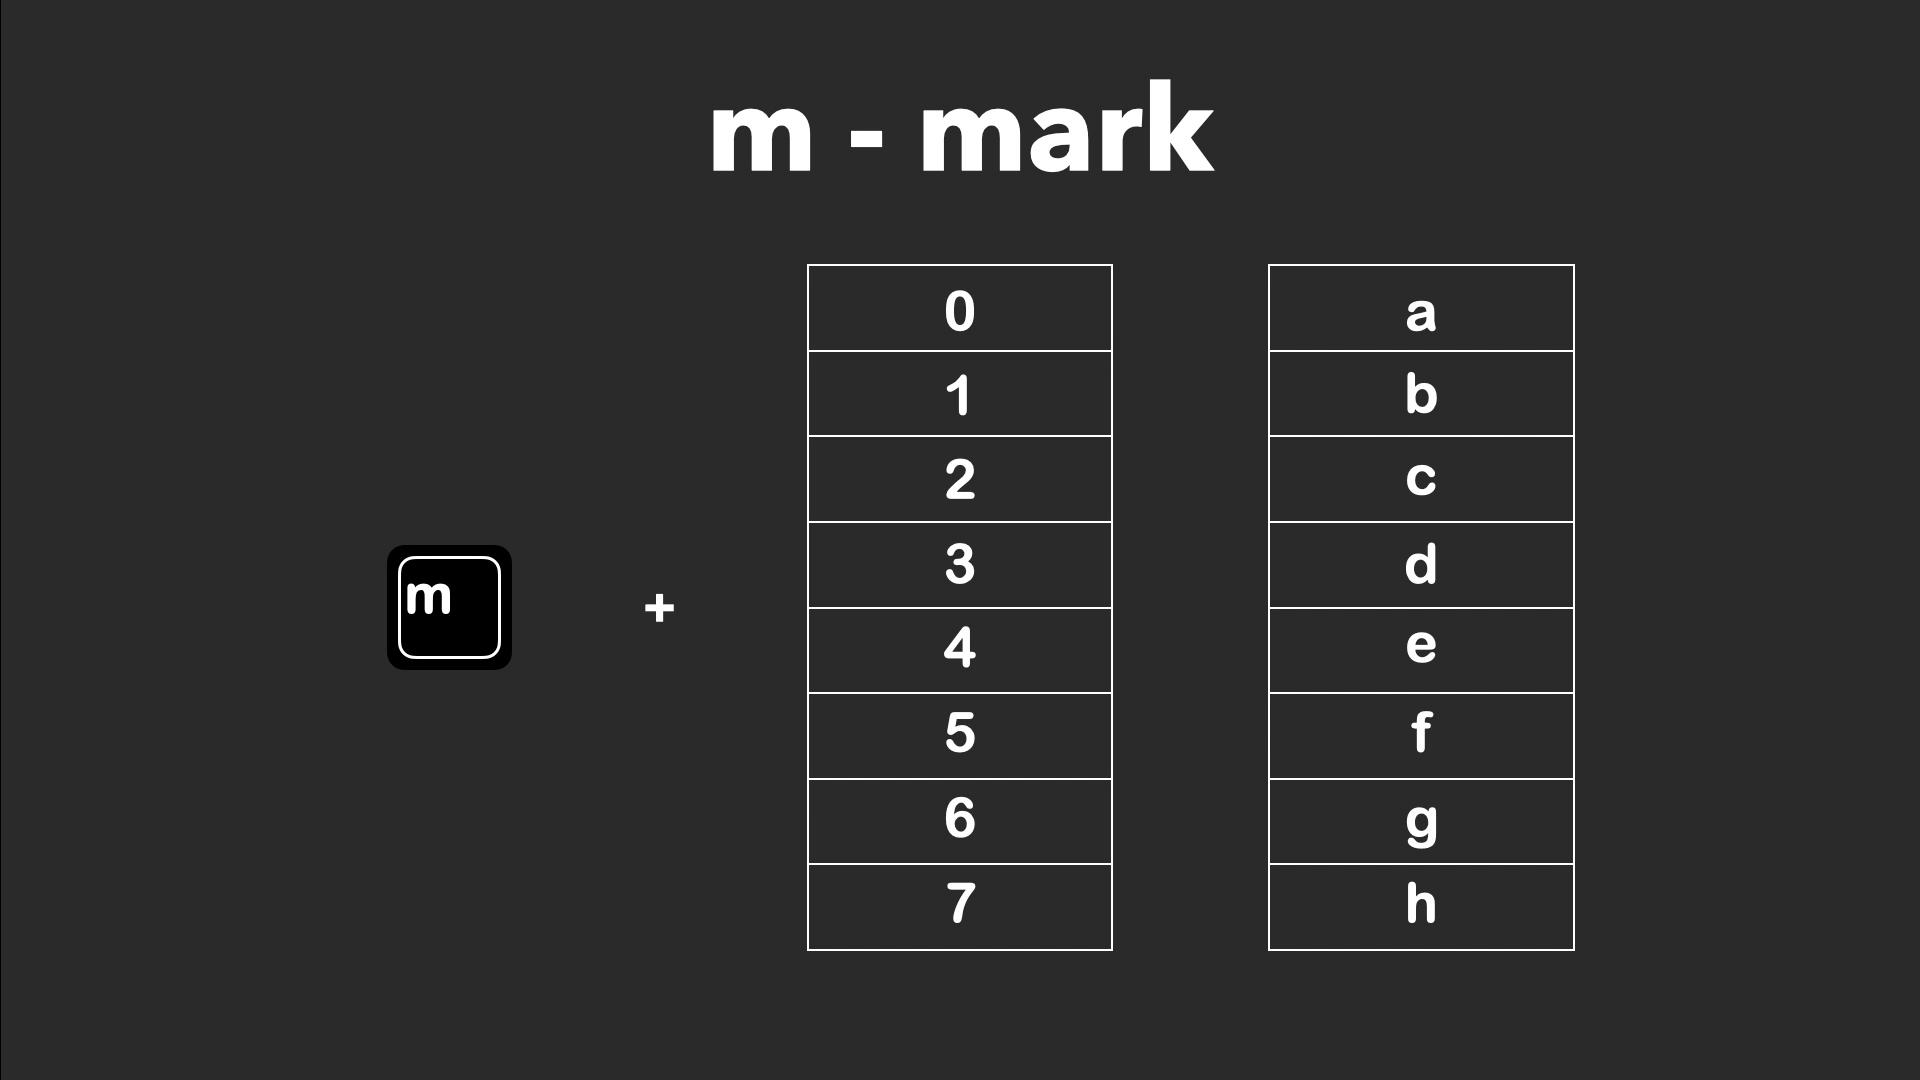 004-2.mark-register